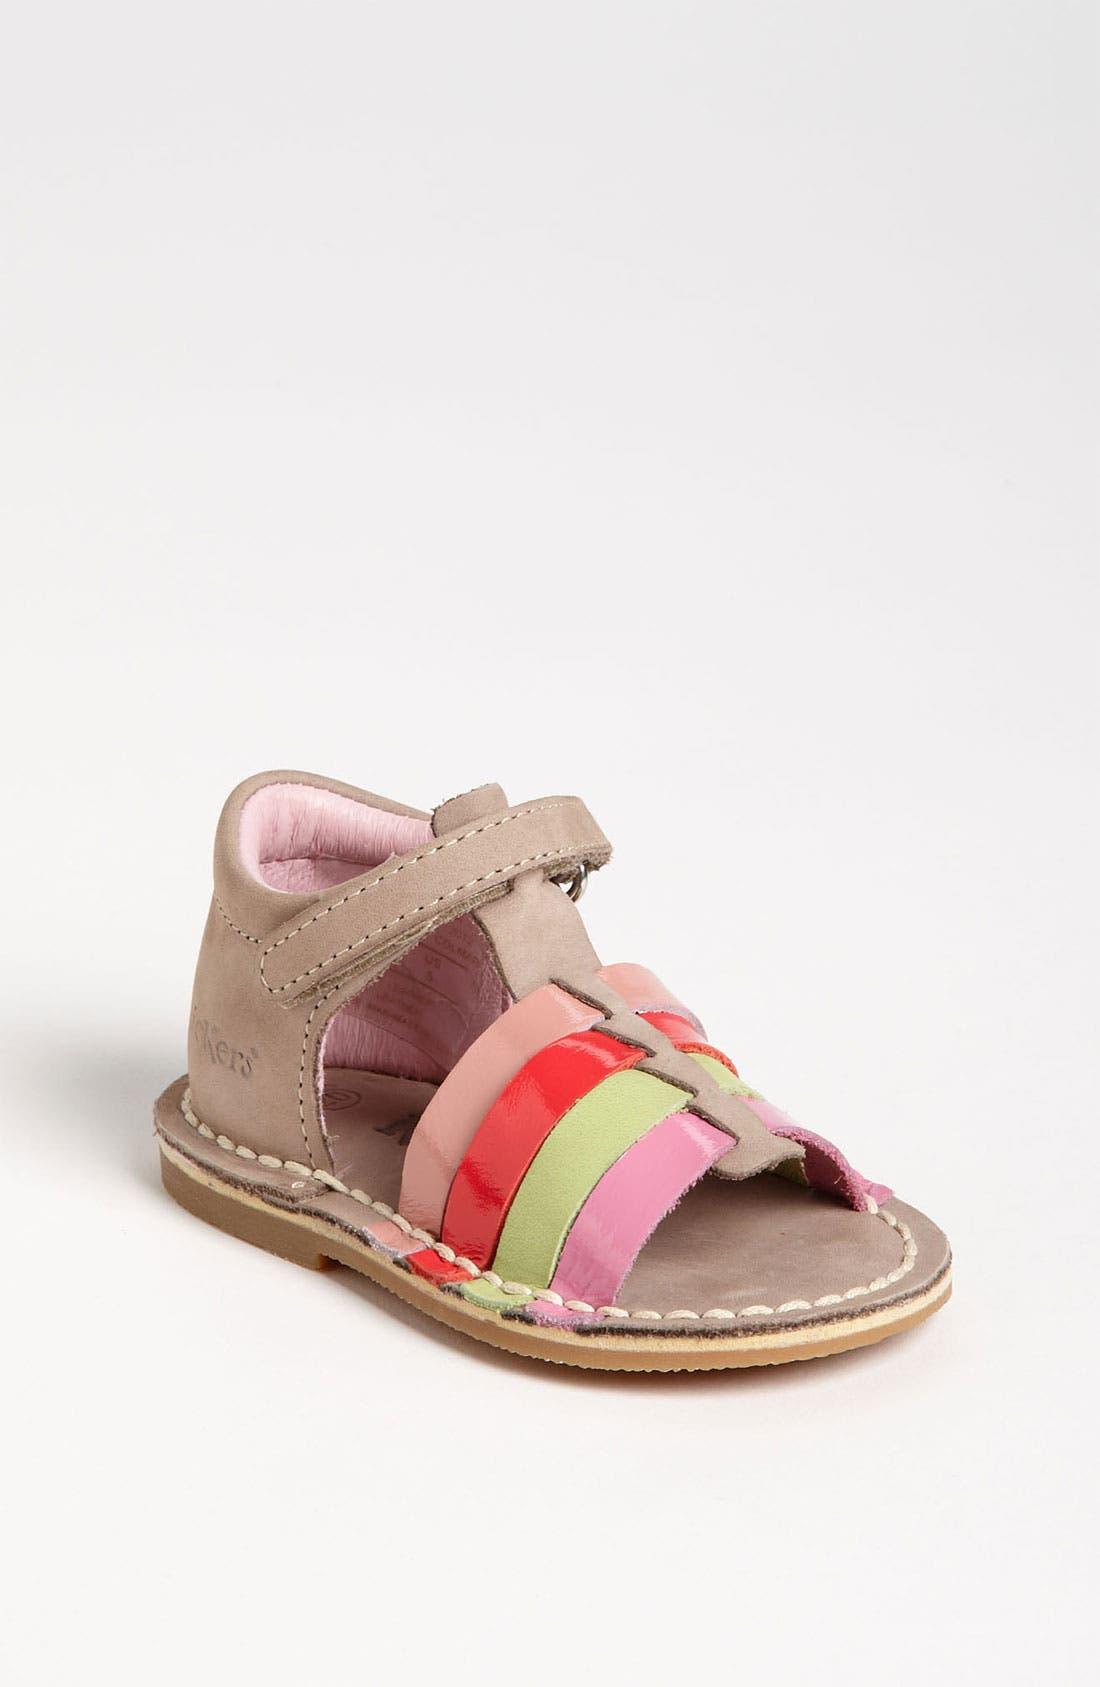 Alternate Image 1 Selected - Kickers 'Colmar' Sandal (Baby, Walker & Toddler)